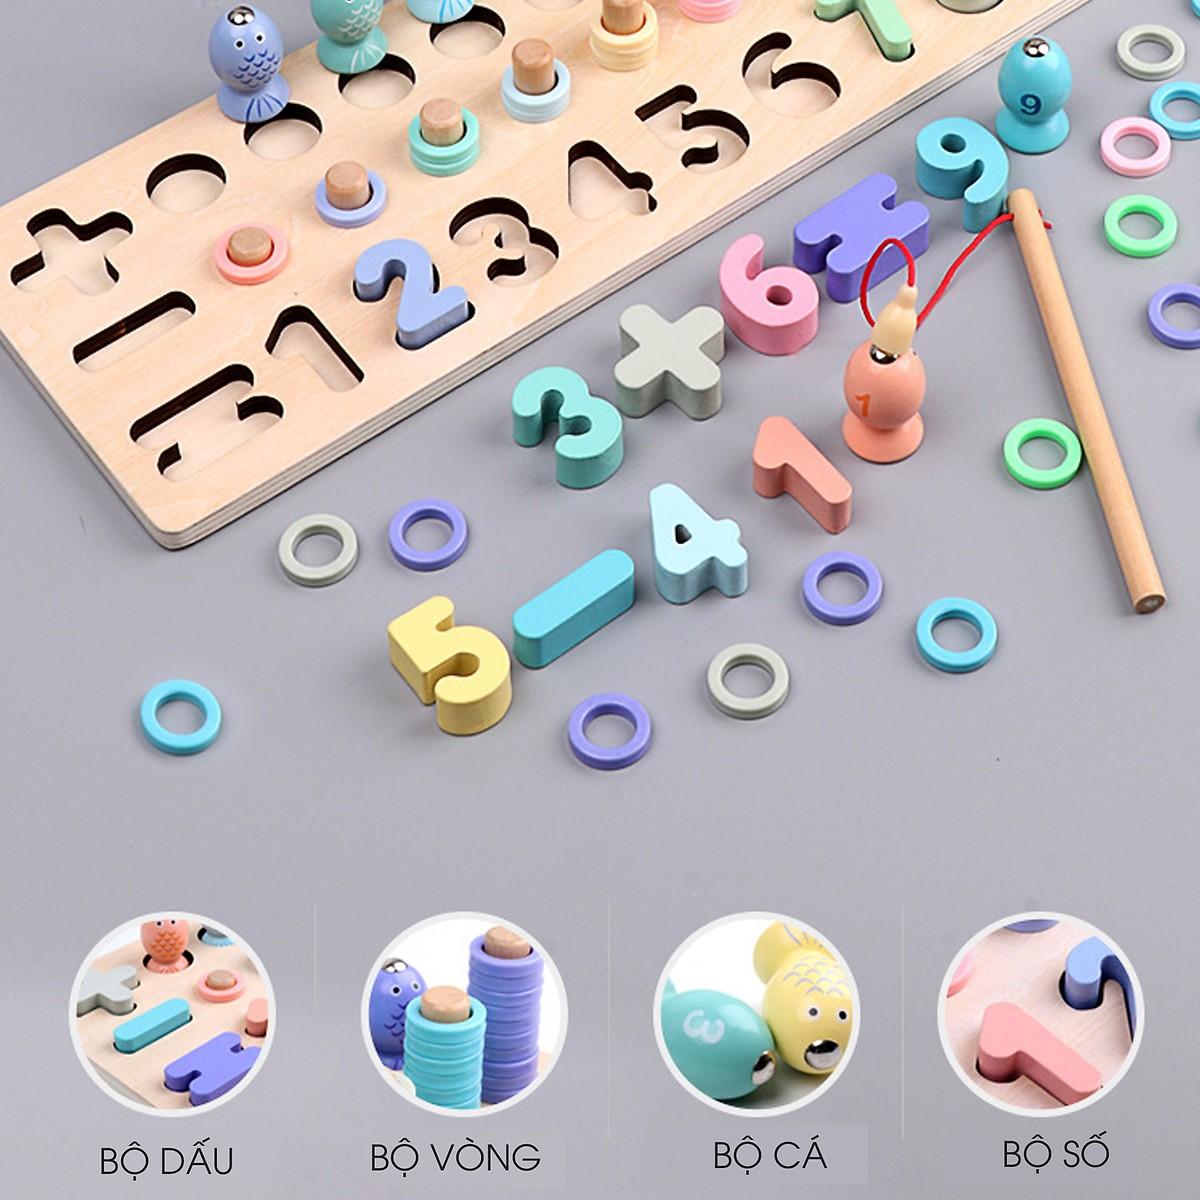 Đồ chơi gỗ - Bộ câu cá logic đa năng MK0037